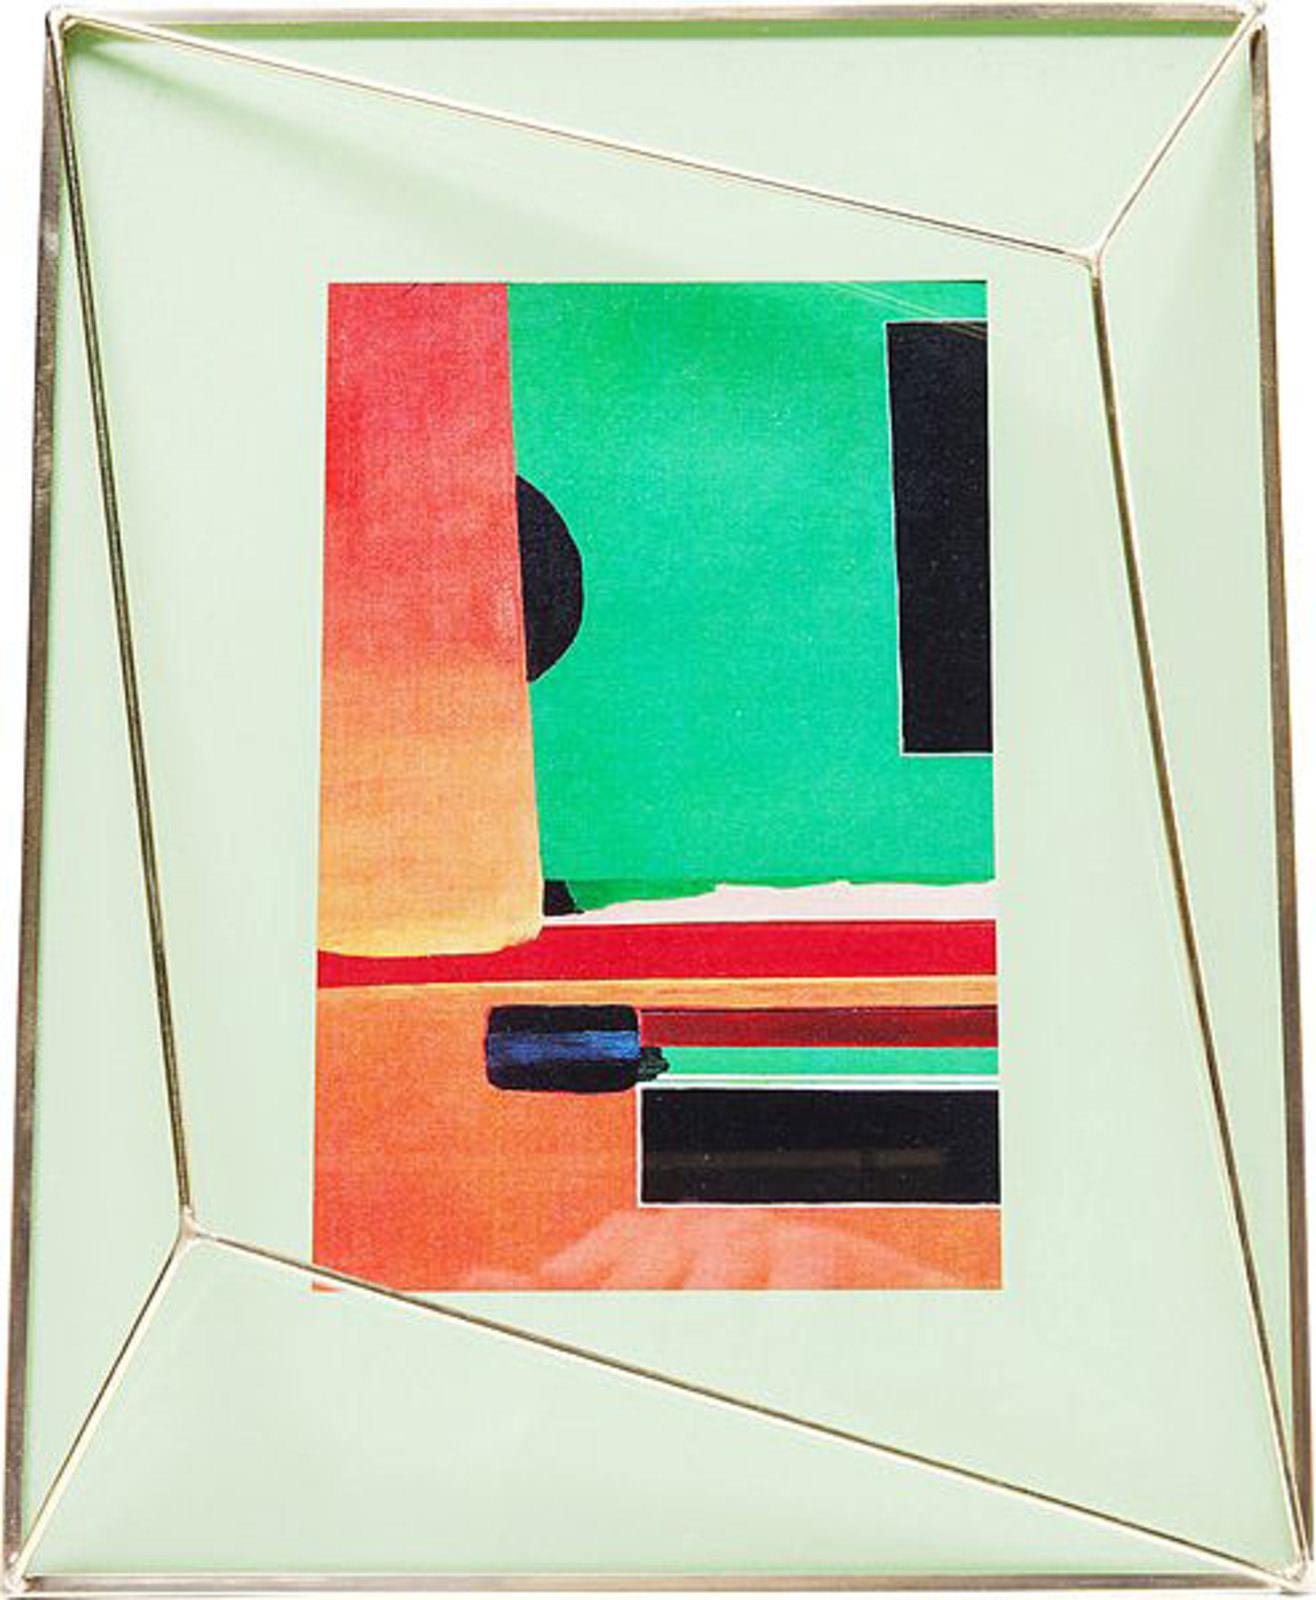 Berühmt Flippiger Bilderrahmen Online Galerie - Benutzerdefinierte ...